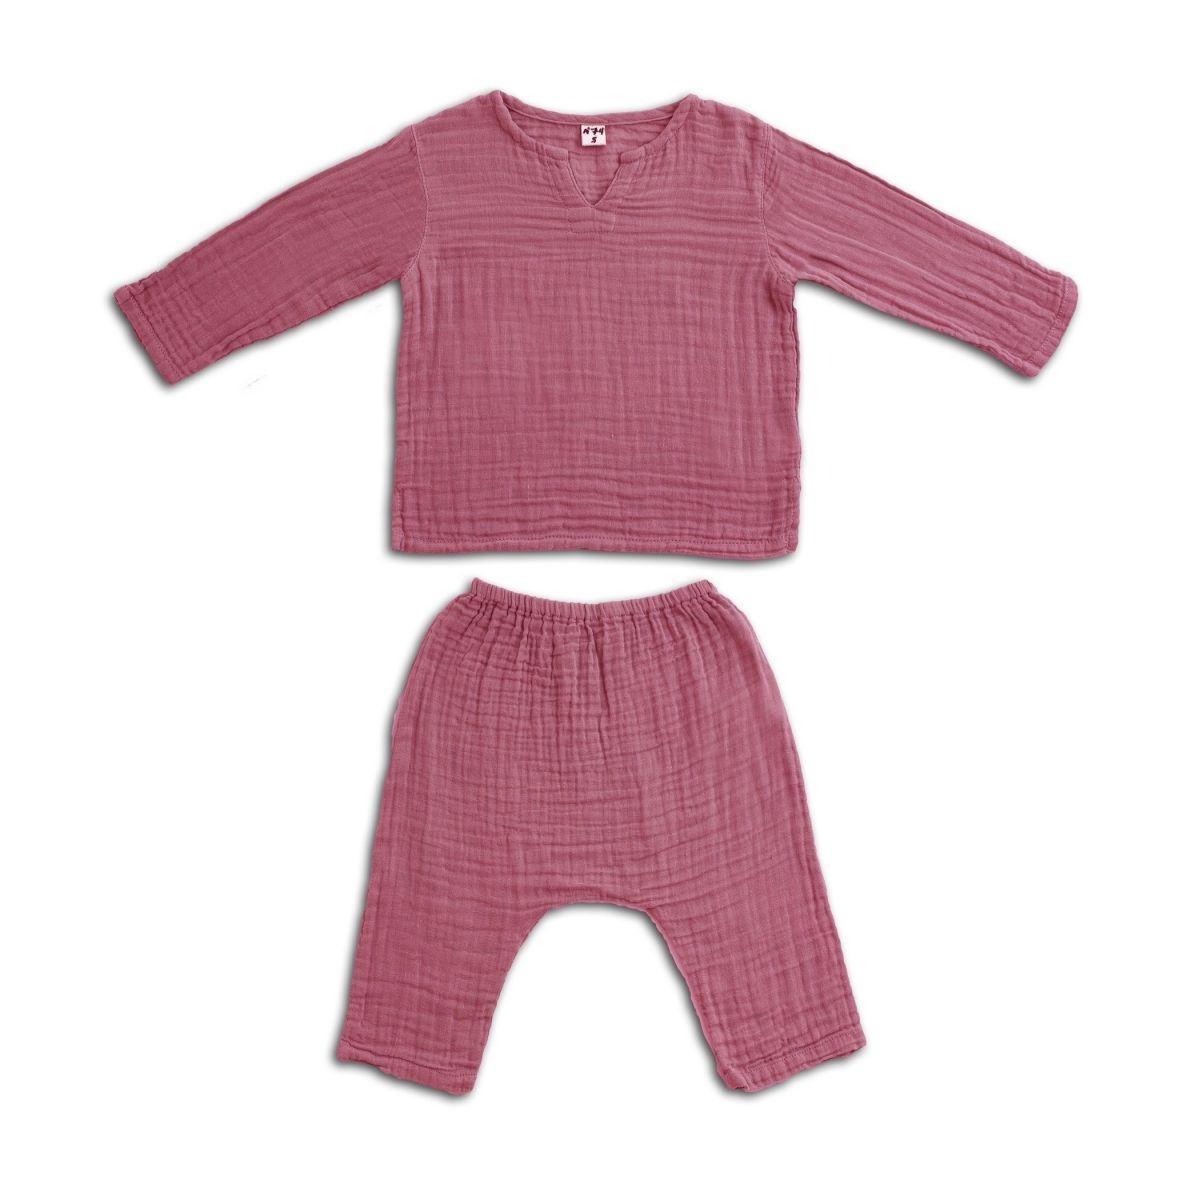 Numero 74 Komplet Zac koszulka & spodnie malinowy